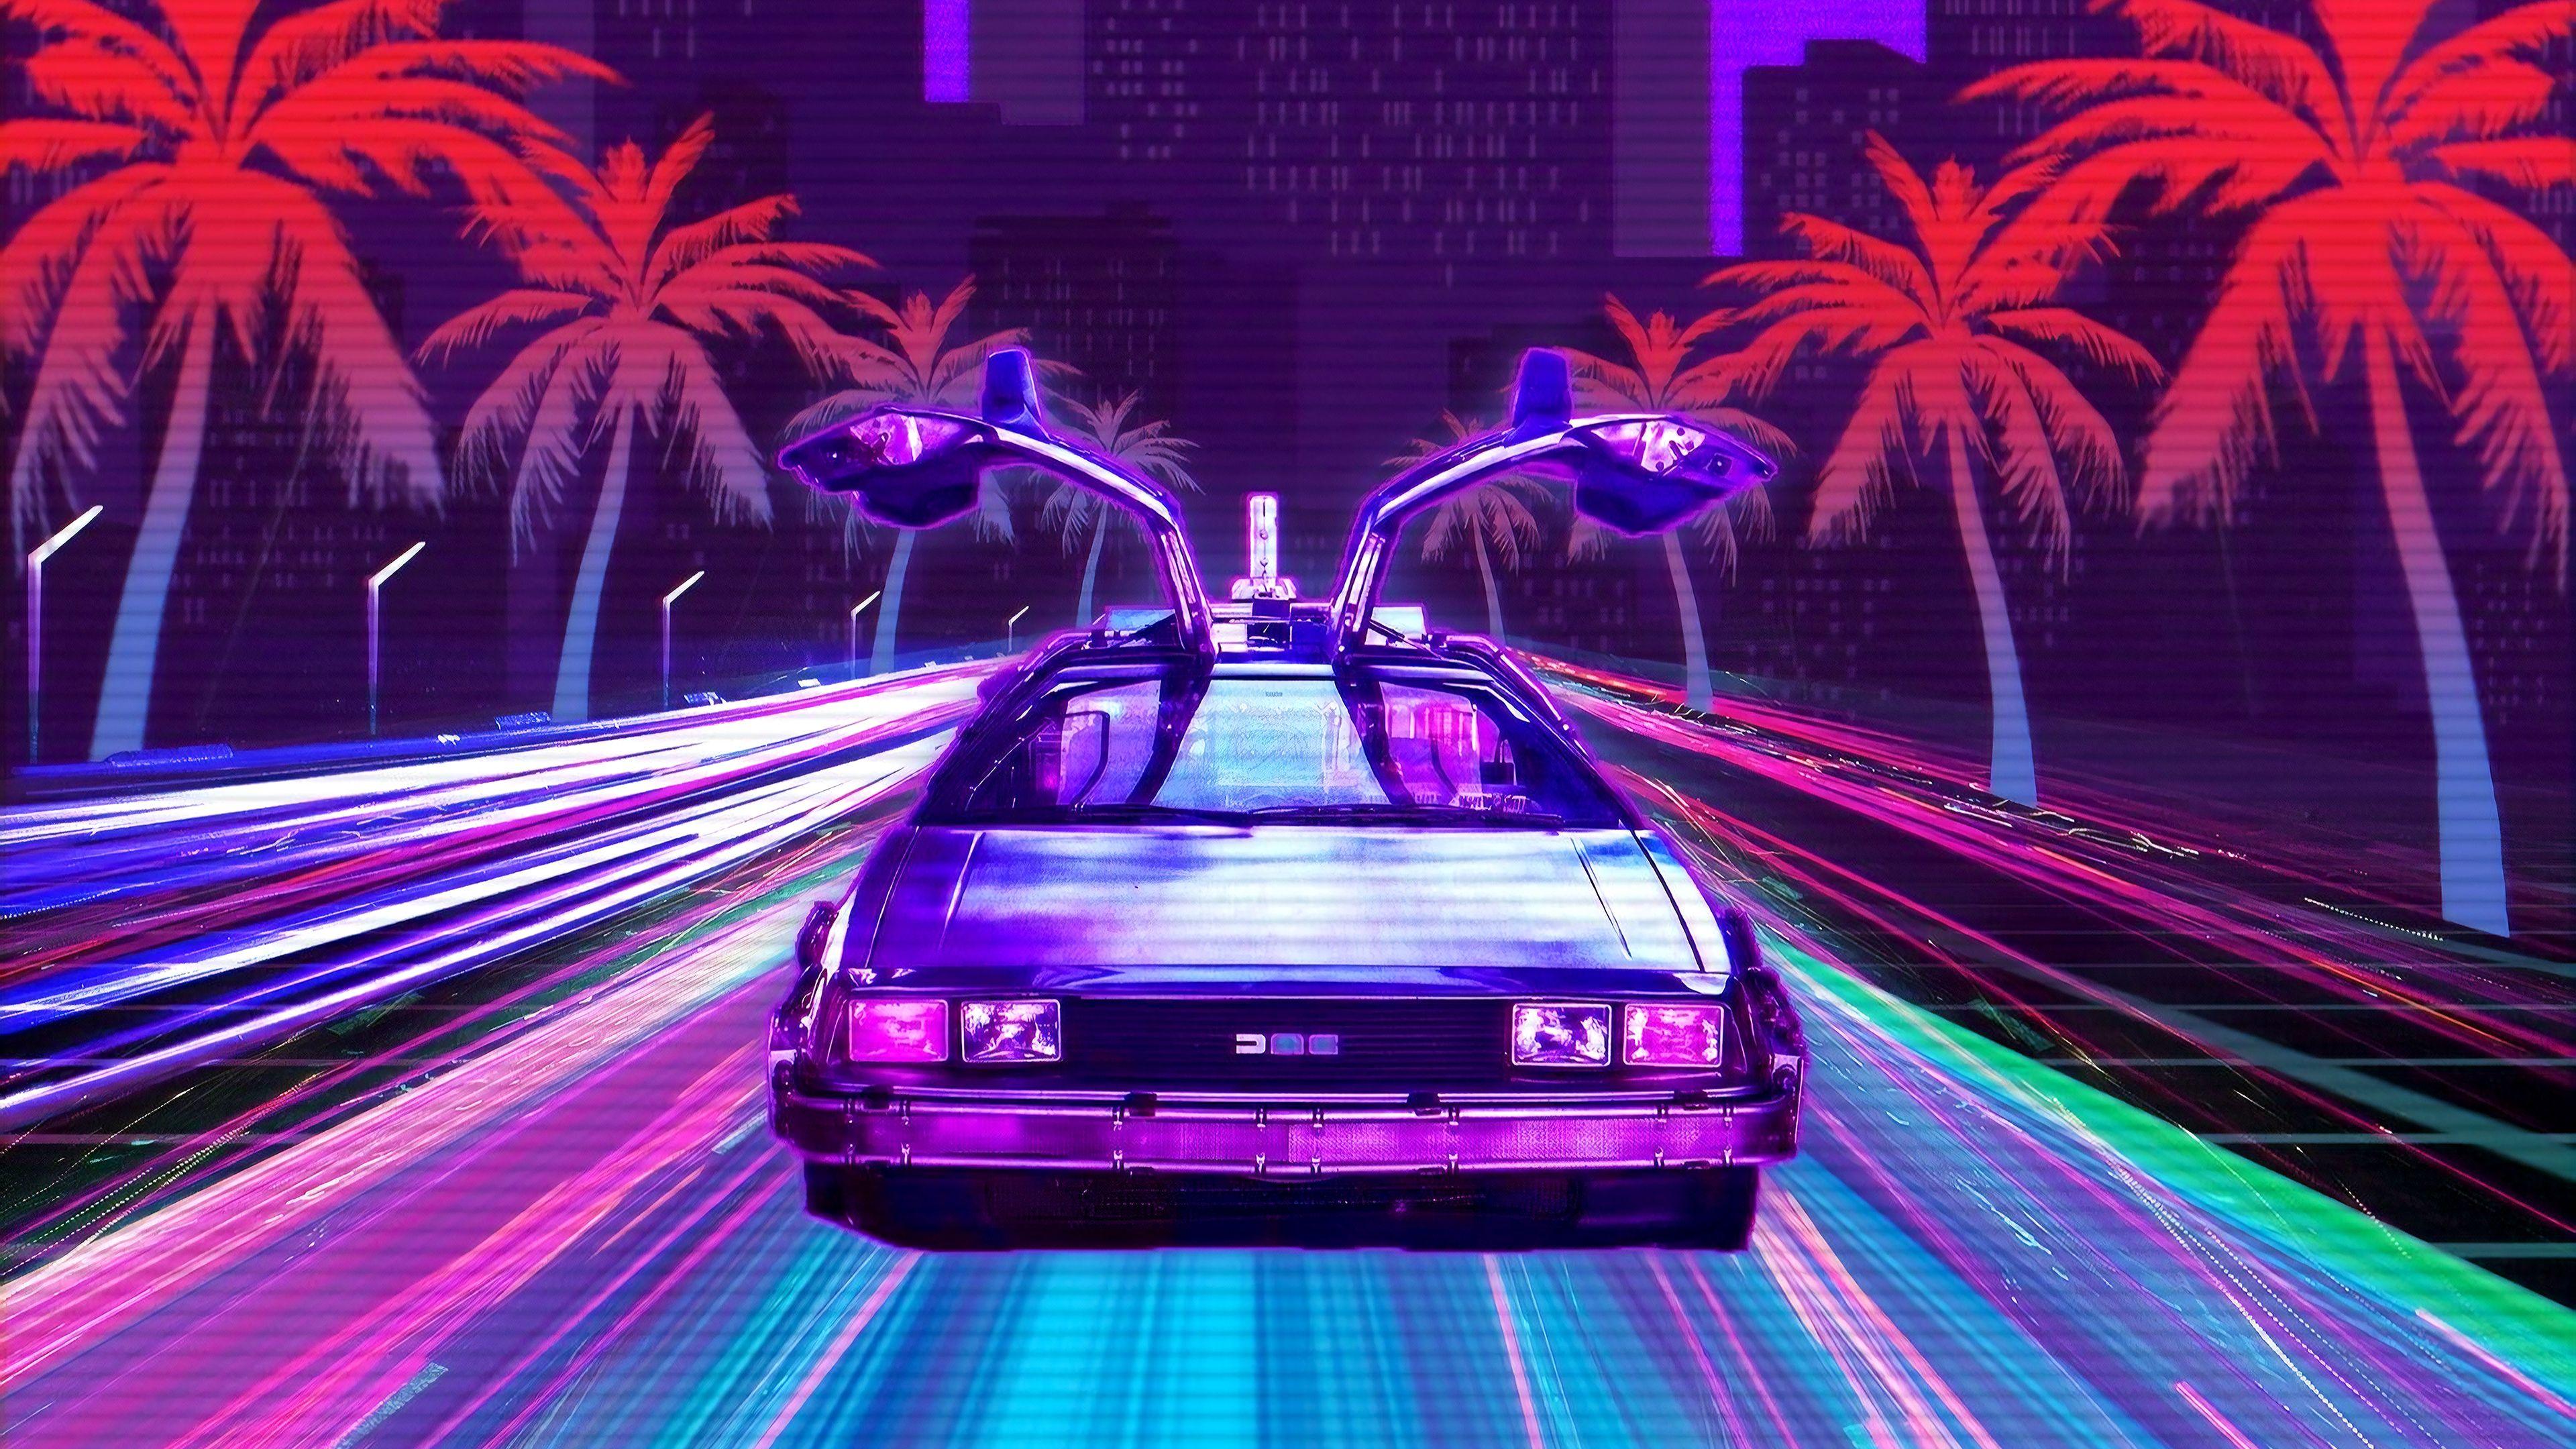 Retro Lux Cars Retrowave 4k Retrowave Wallpapers Hd Wallpapers Digital Art Wallpapers Cars Wallpapers Artwork Wa Delorean Gaming Wallpapers Retro Wallpaper